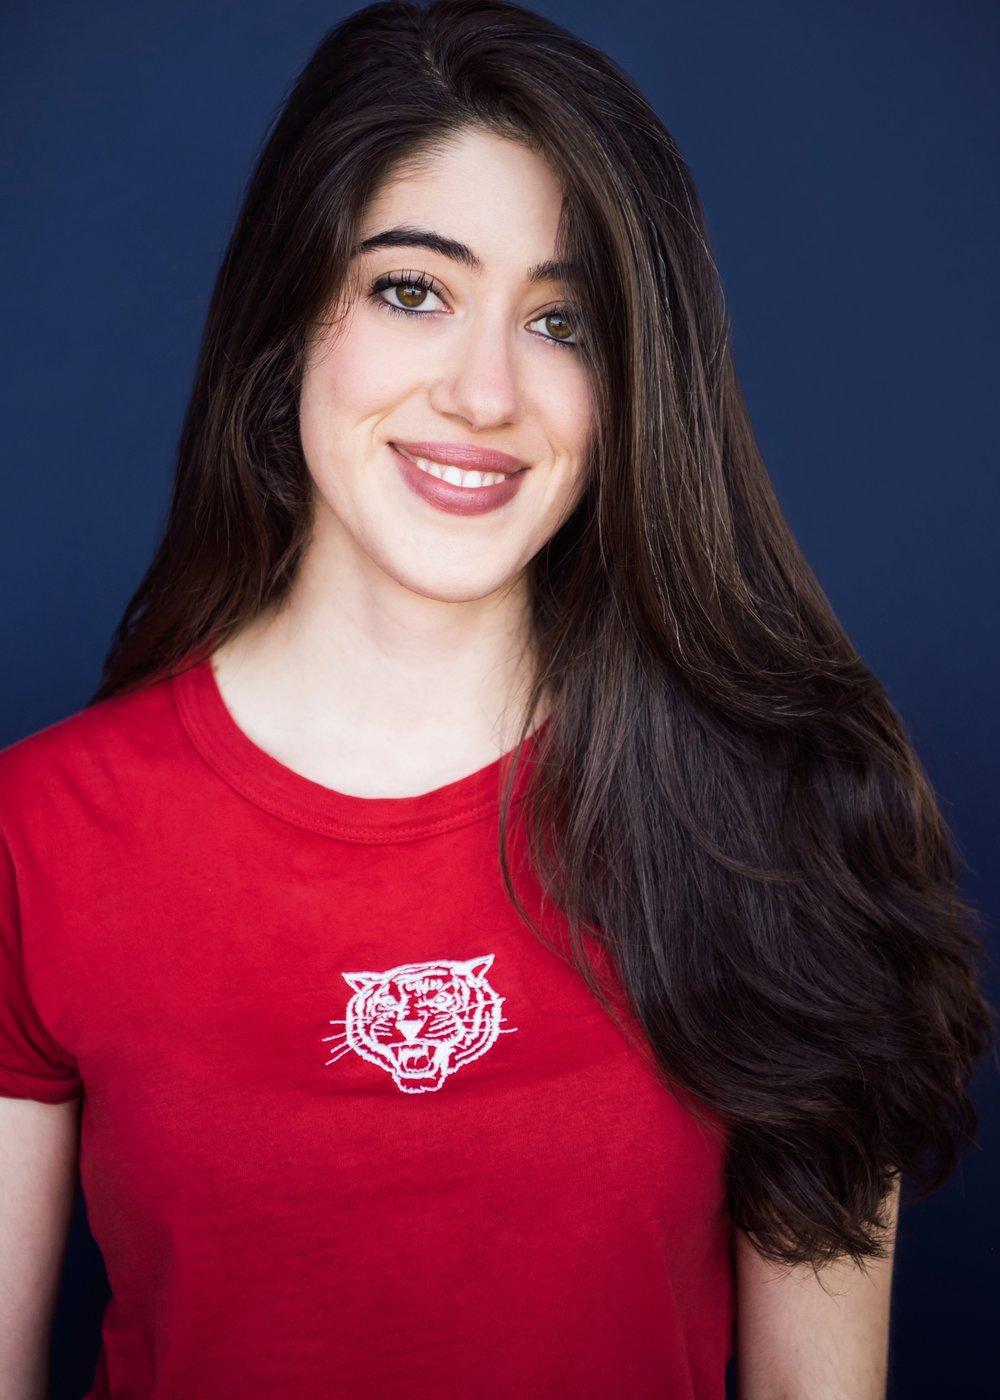 Sarah Khasrovi as Ovary/Poet/Student